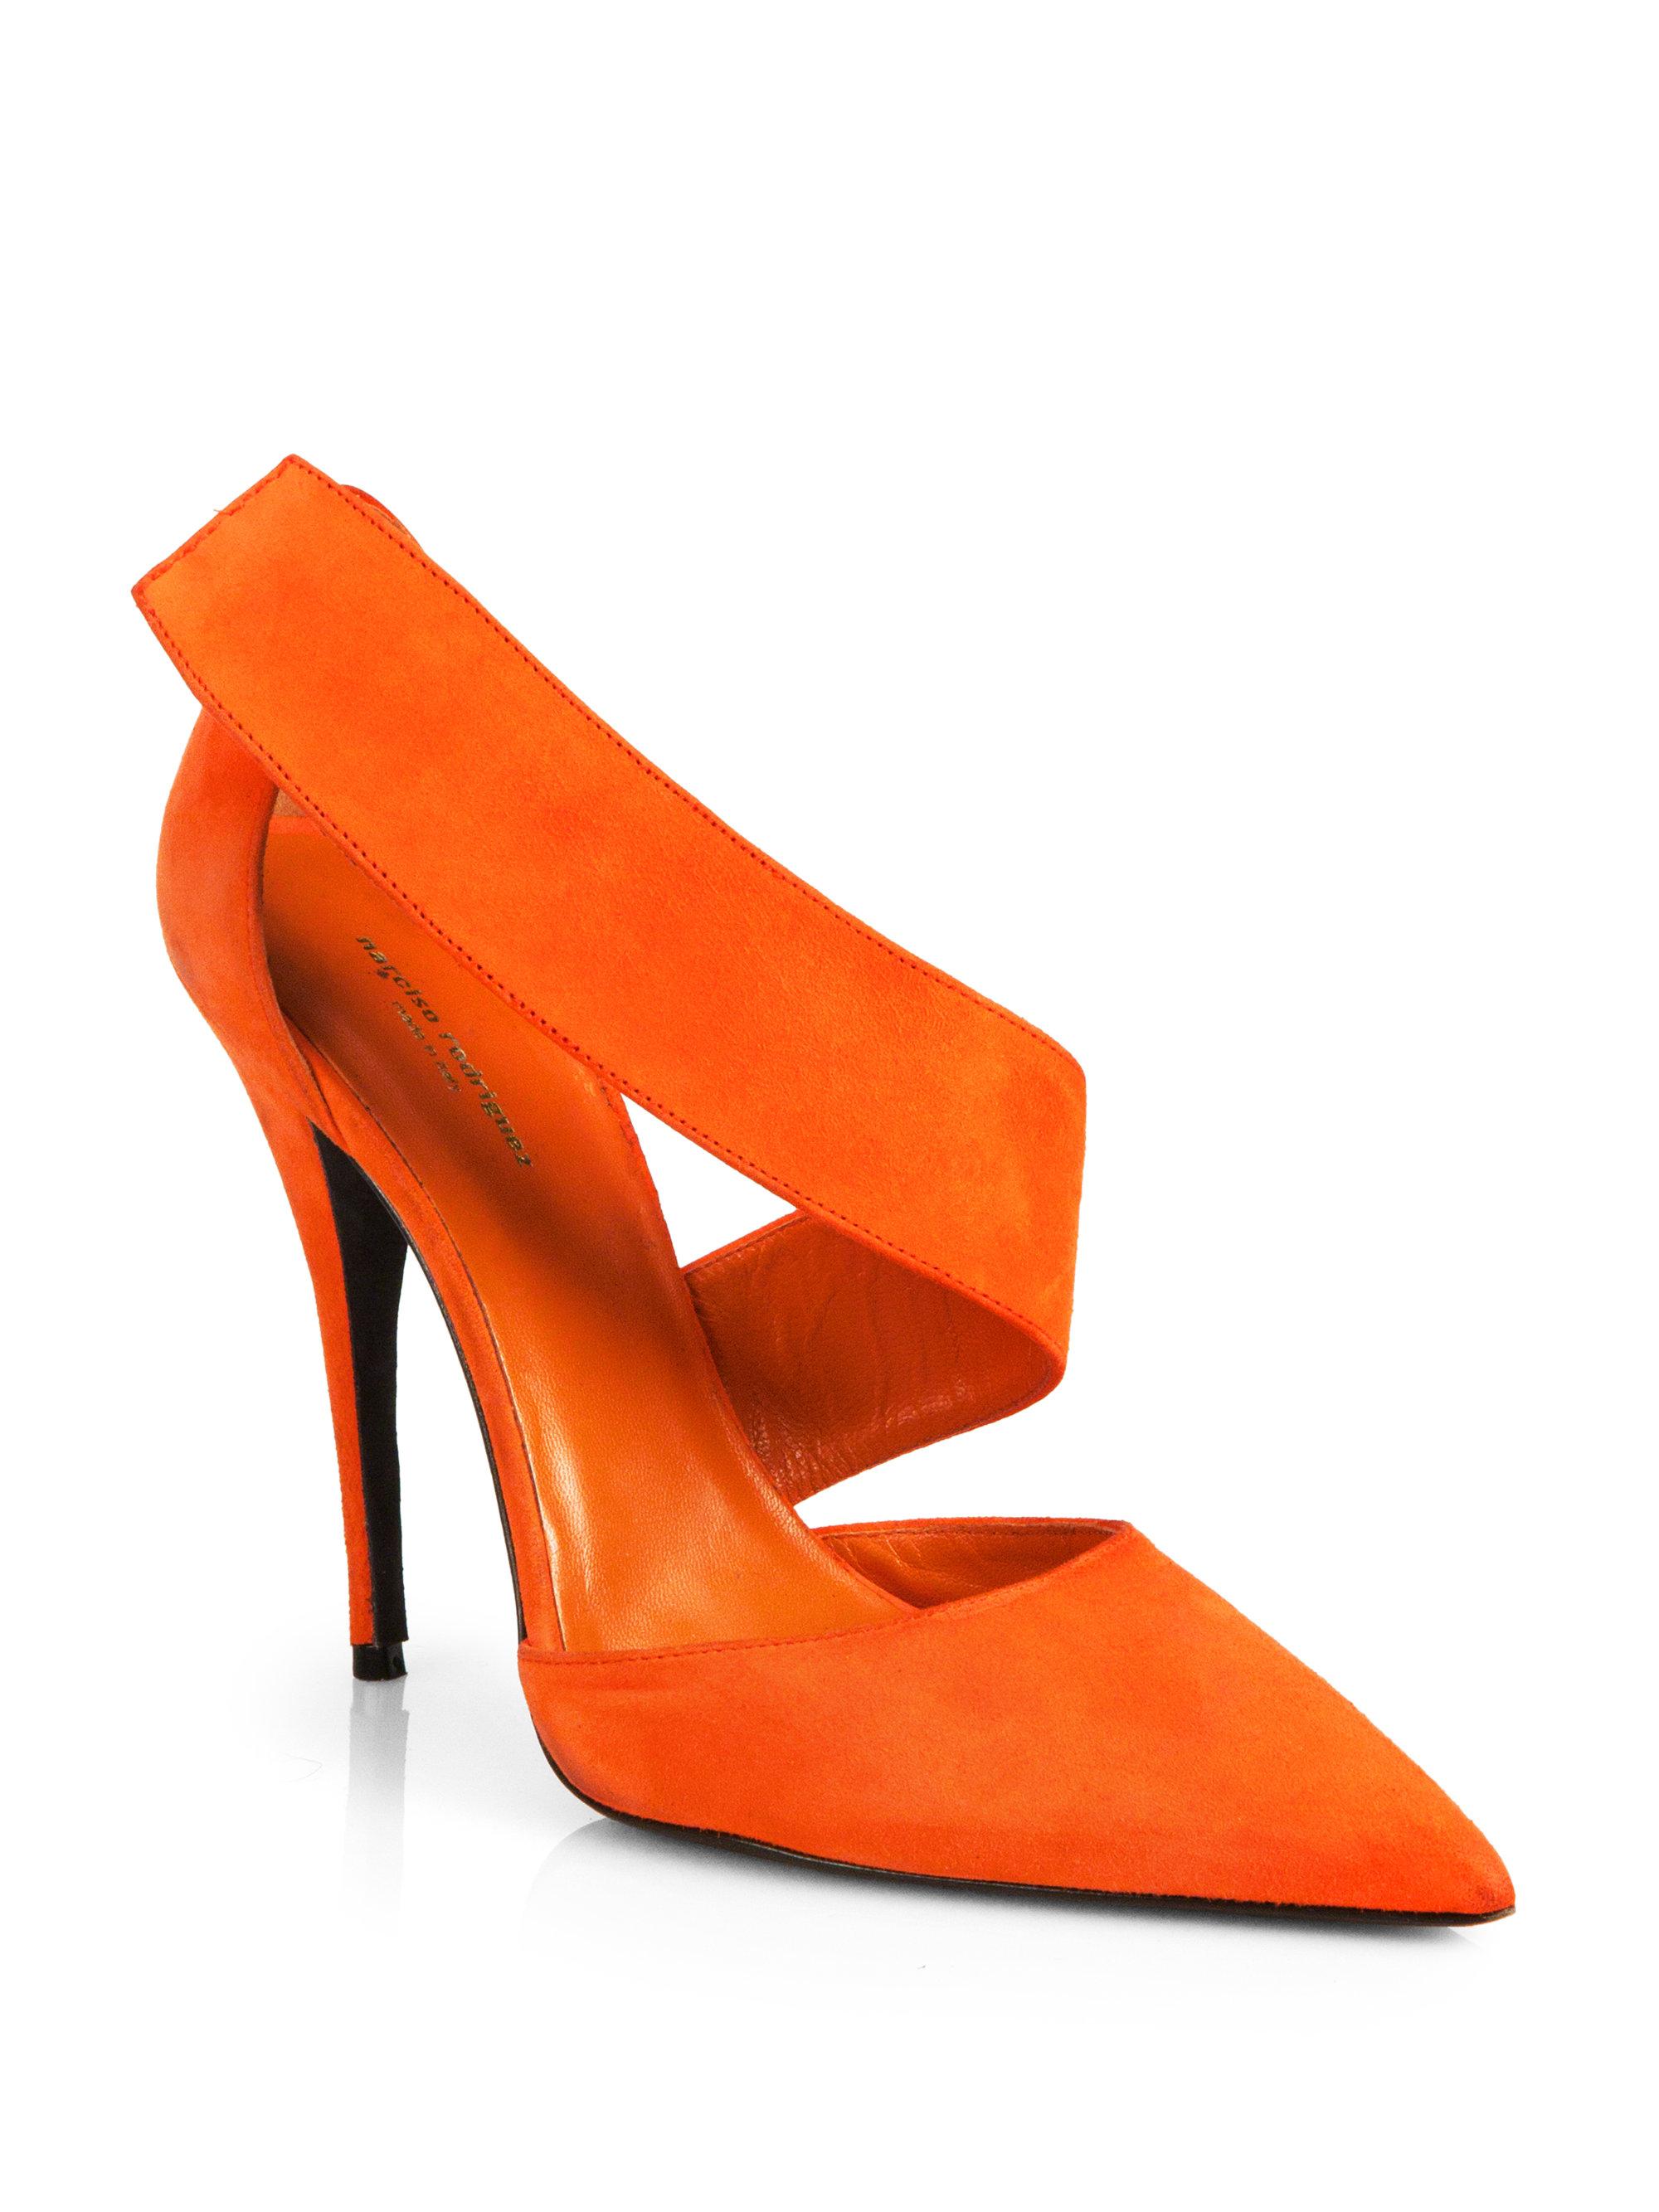 Lyst Narciso Rodriguez Camilla Suede Pumps In Orange